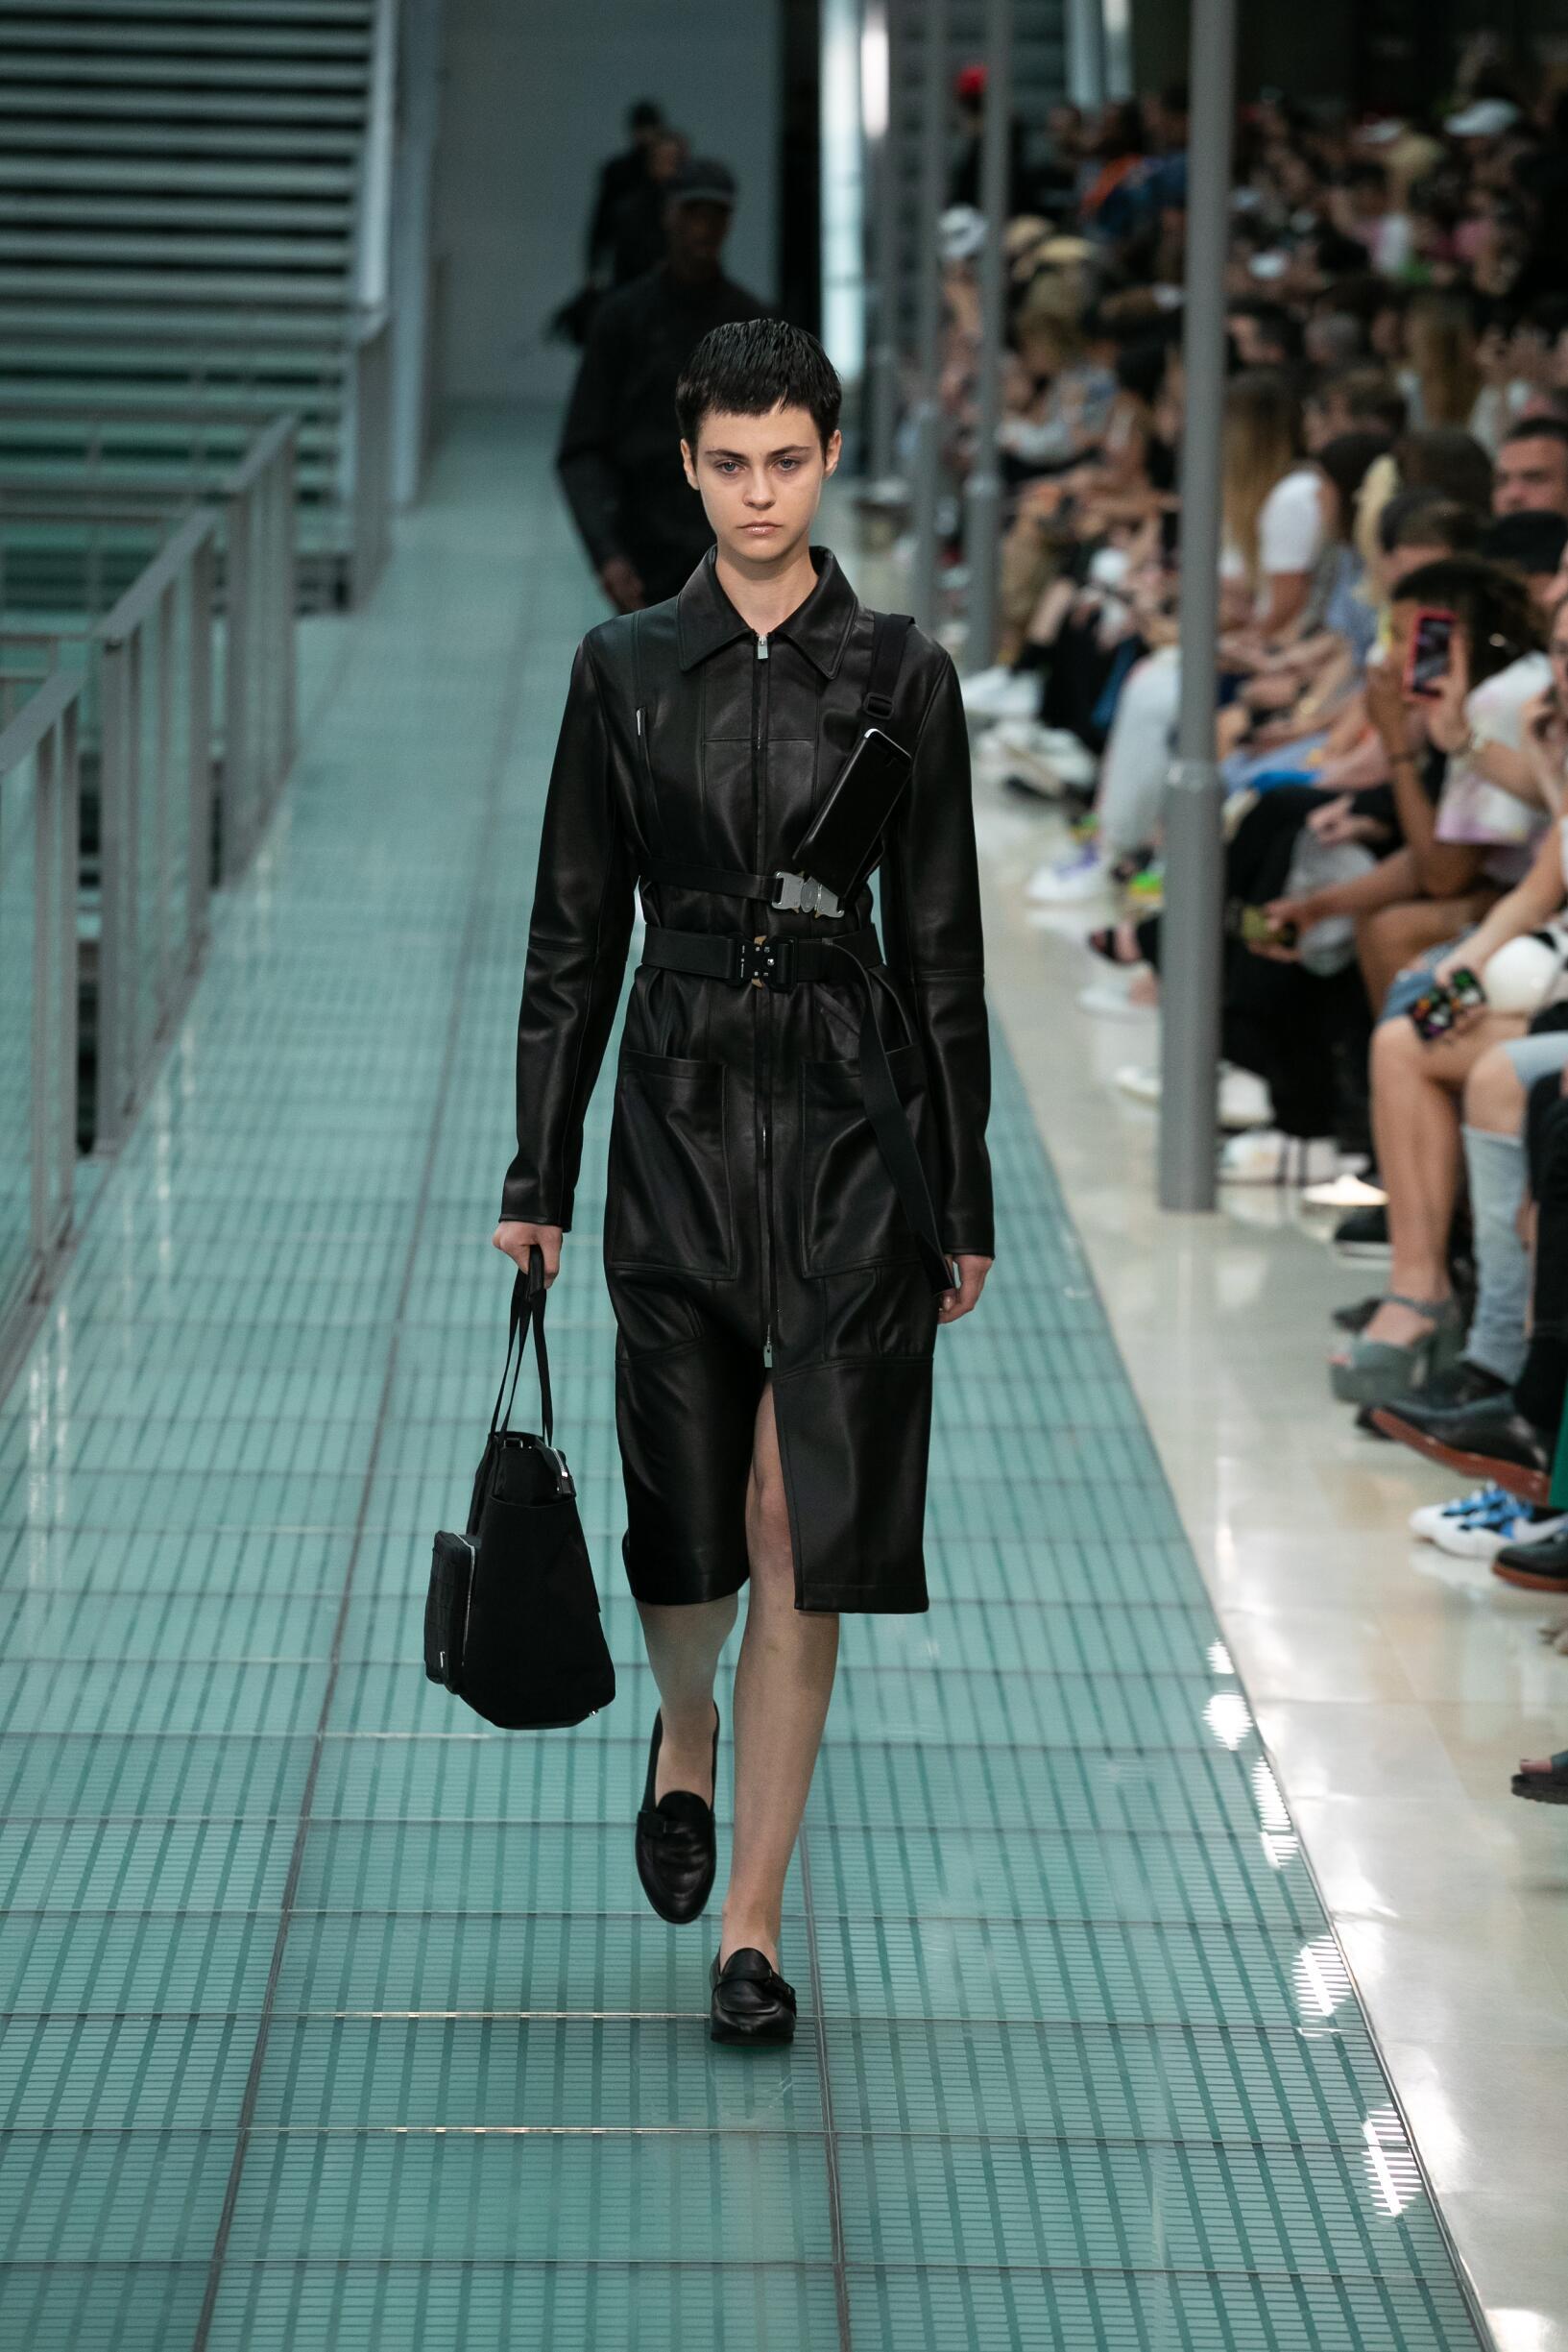 Alyx Paris Fashion Week Womenswear